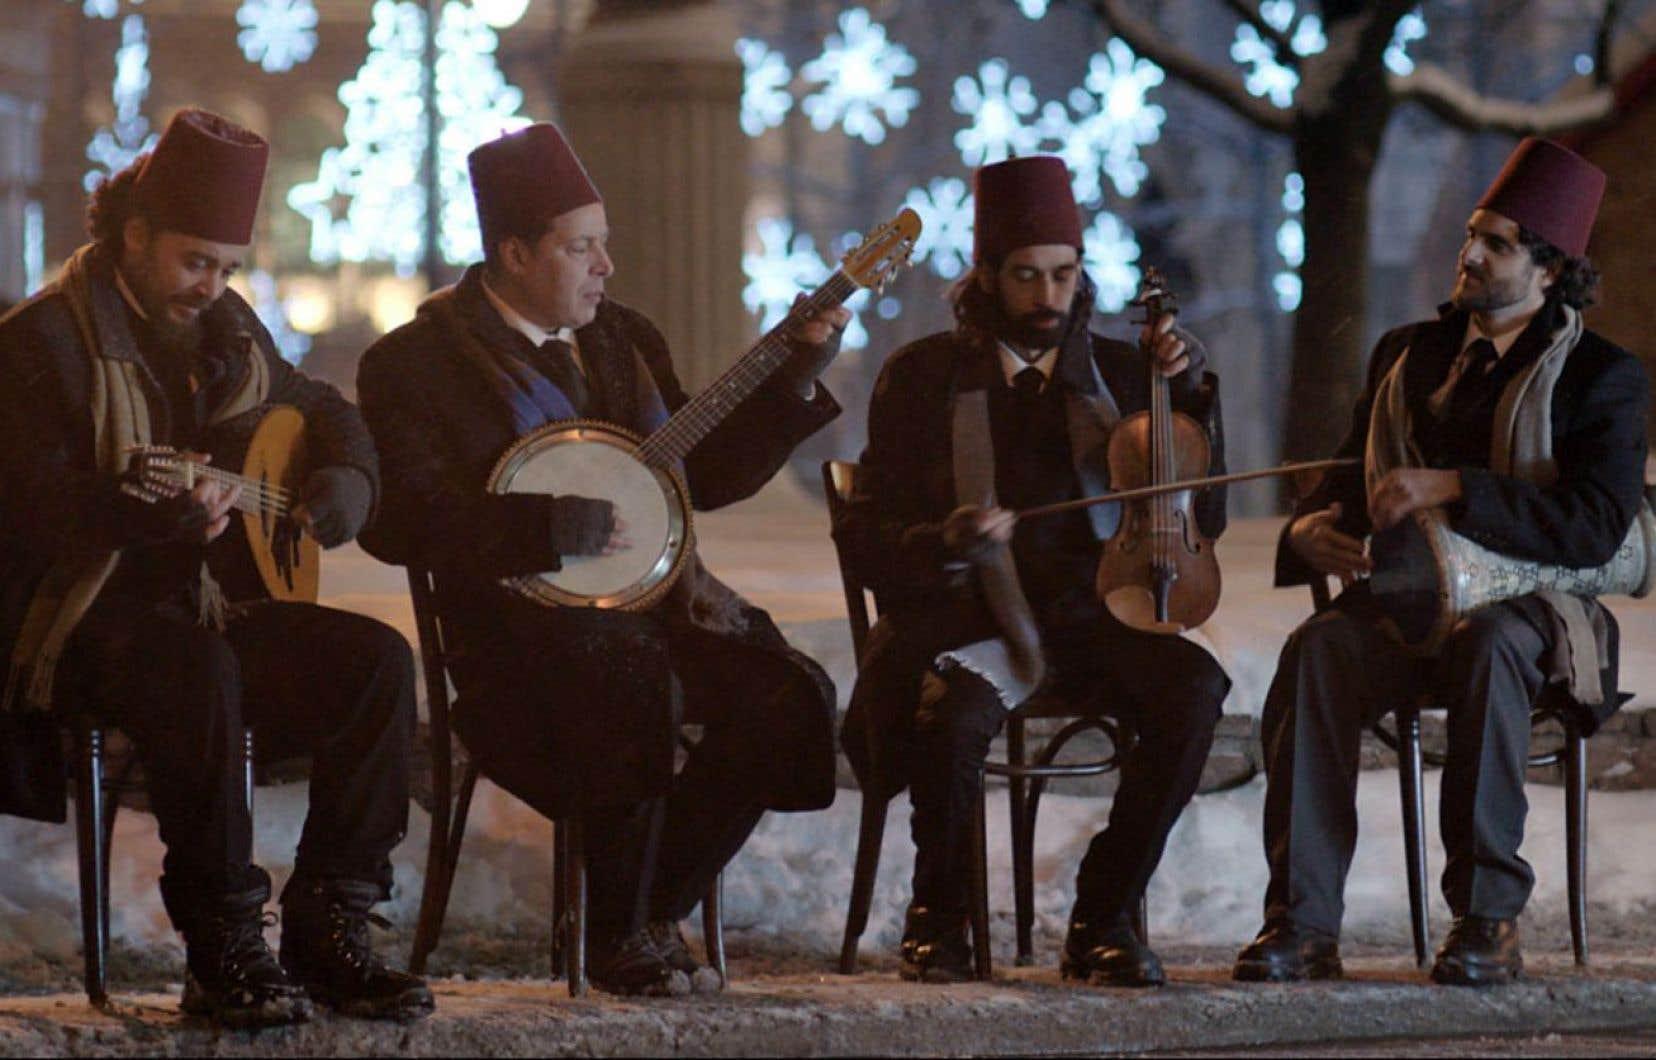 Des musiciens arabes jouant de leurs instruments les pieds dans la neige donnent le ton de poésie d'un film aux symboles entrelacés.